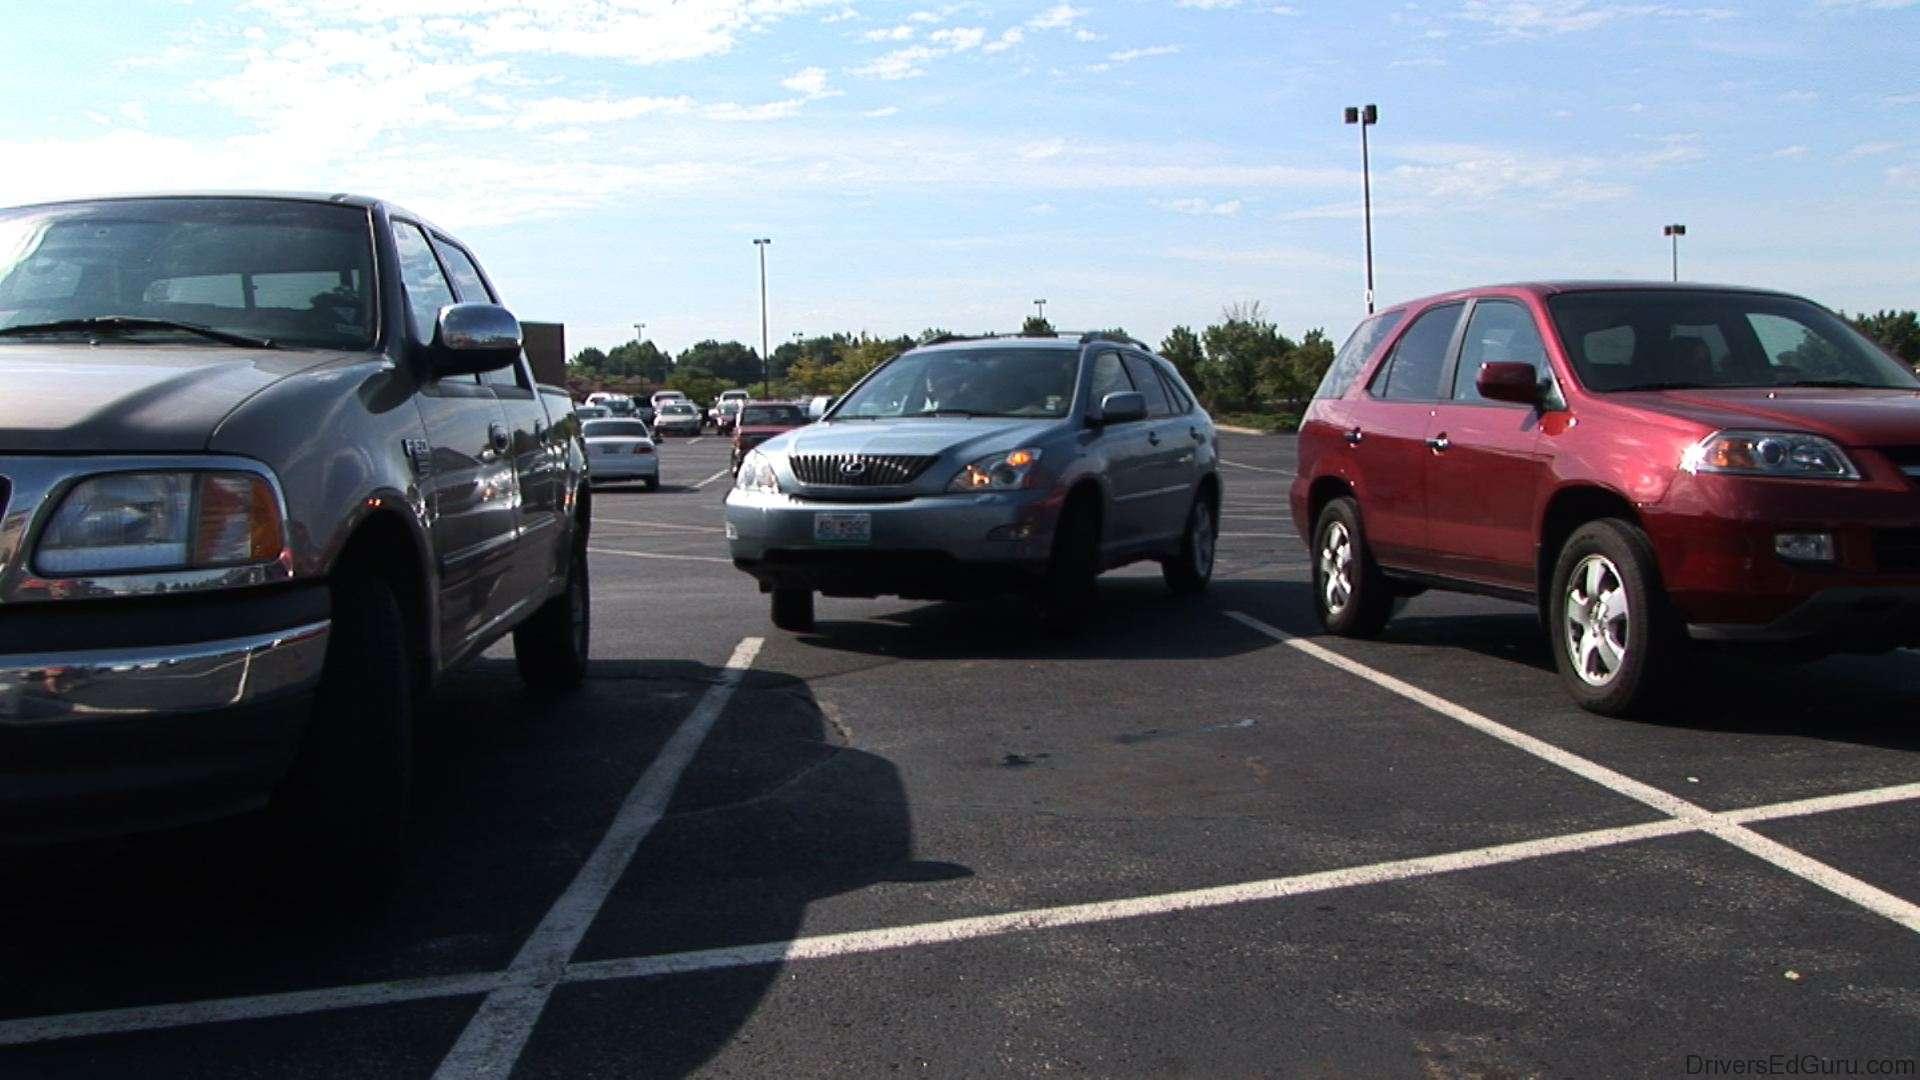 Location parking nice : choisissez la bonne place